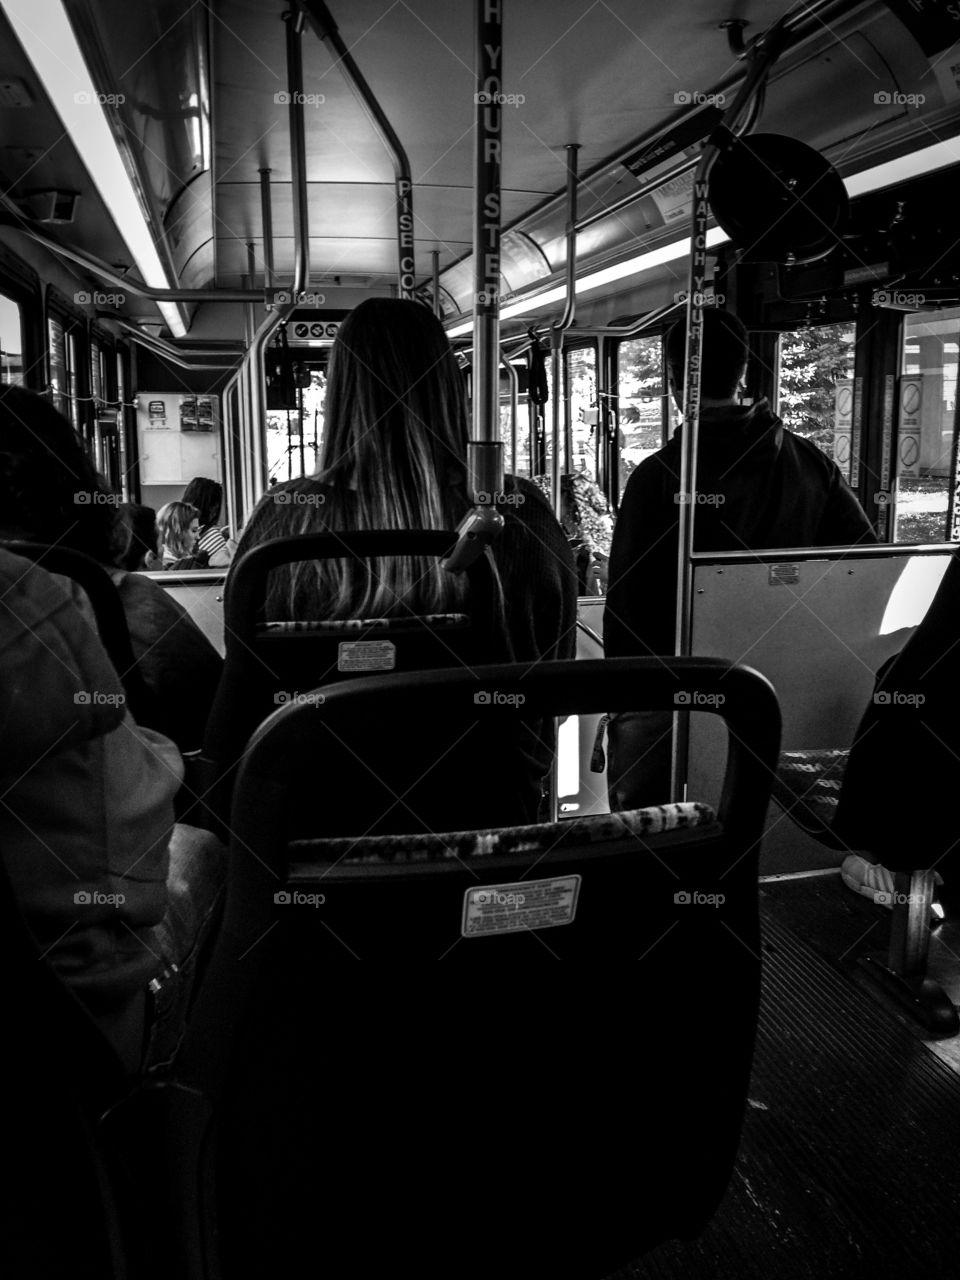 Transportation 📸